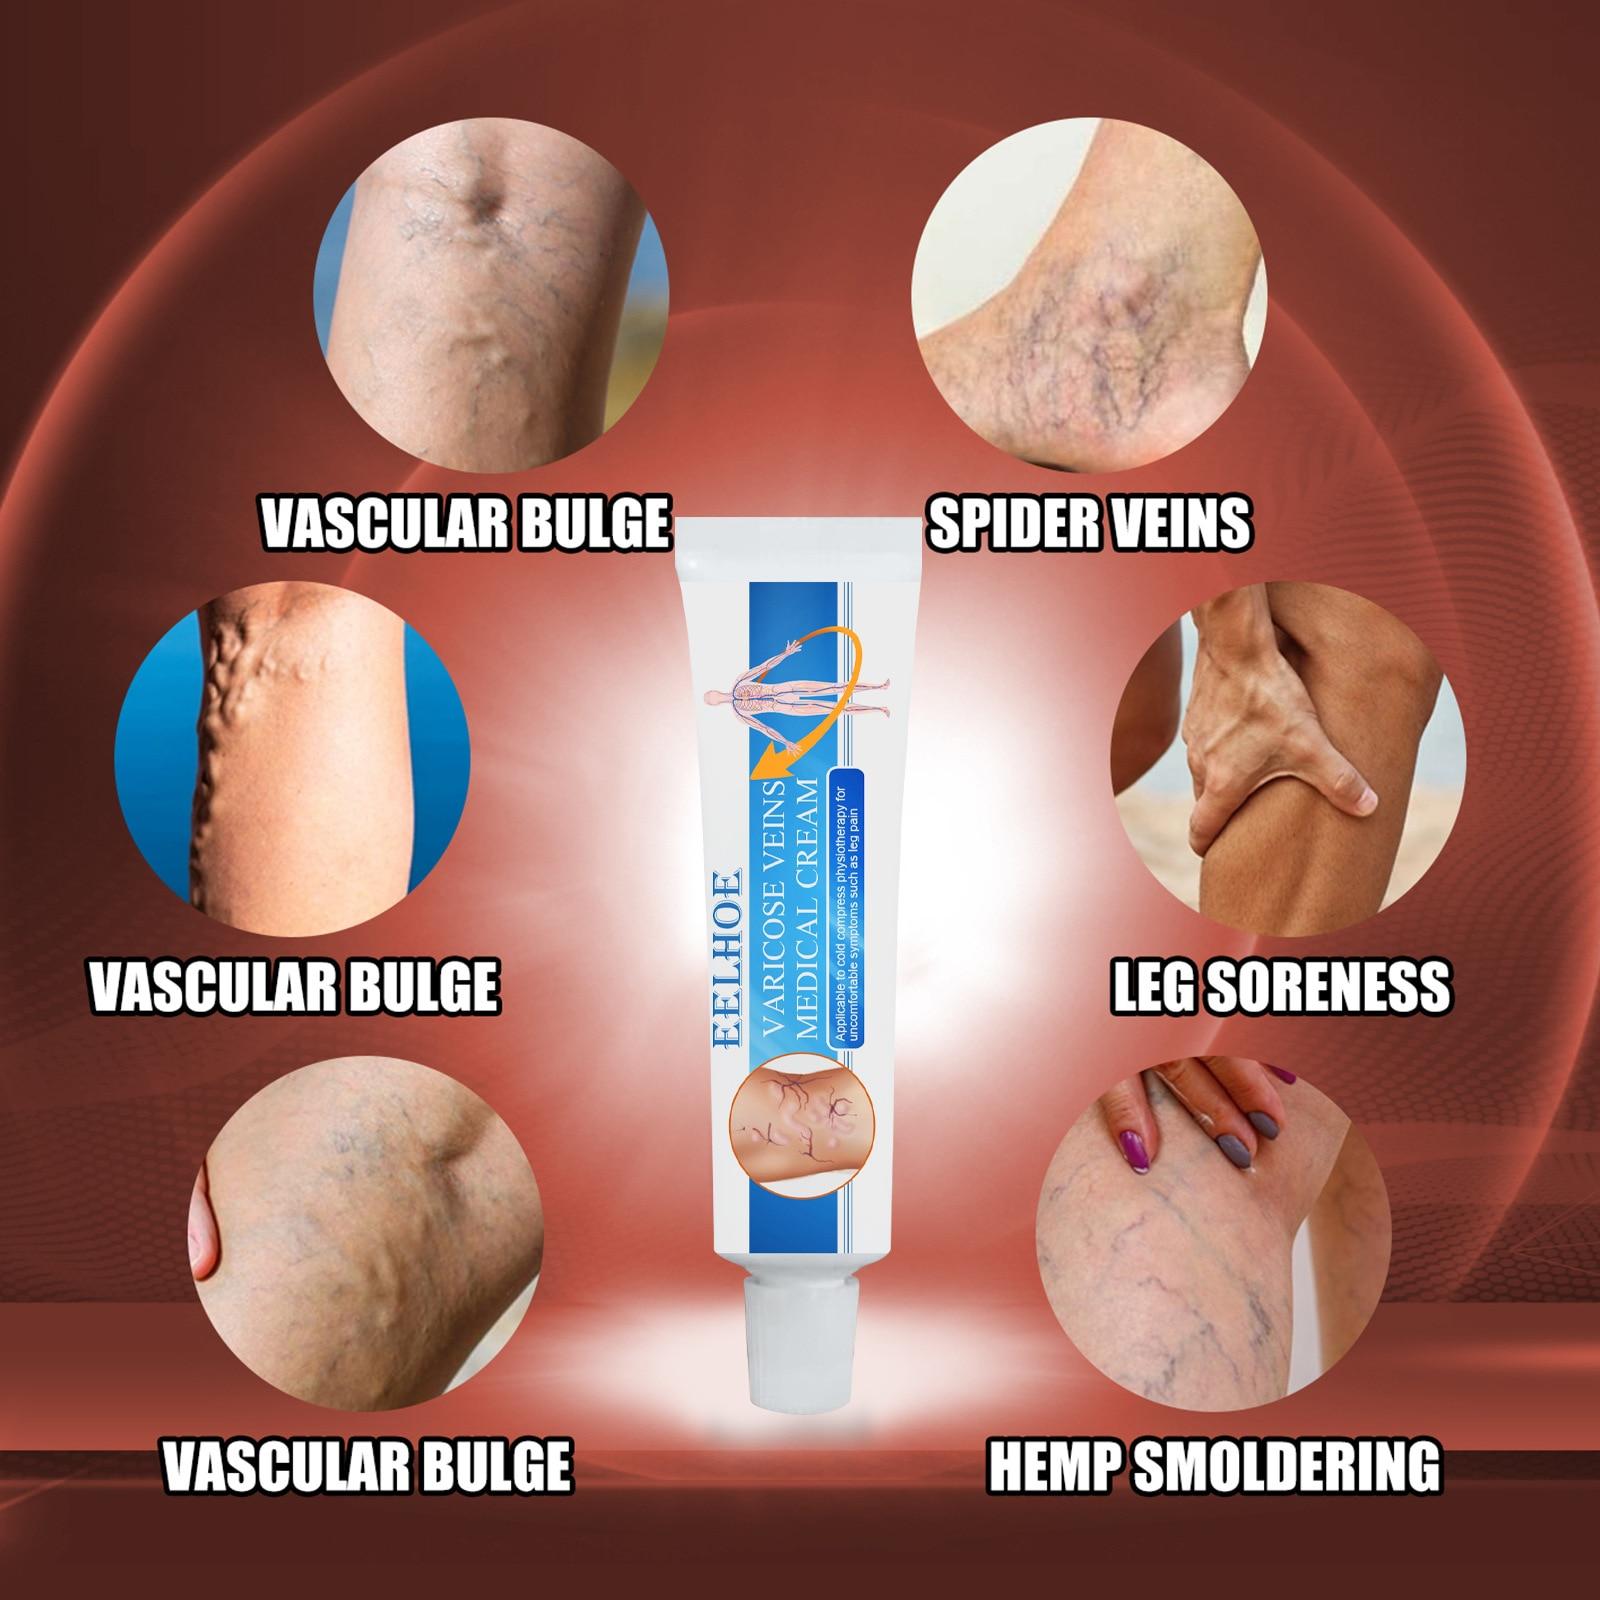 Leg and Vein Pain Relief Cream, Skin Care Lotion, Skin Vein Care Cream, Vein Massage Cream handheld vein finder vein locator infrared vein viewer localizador de venas